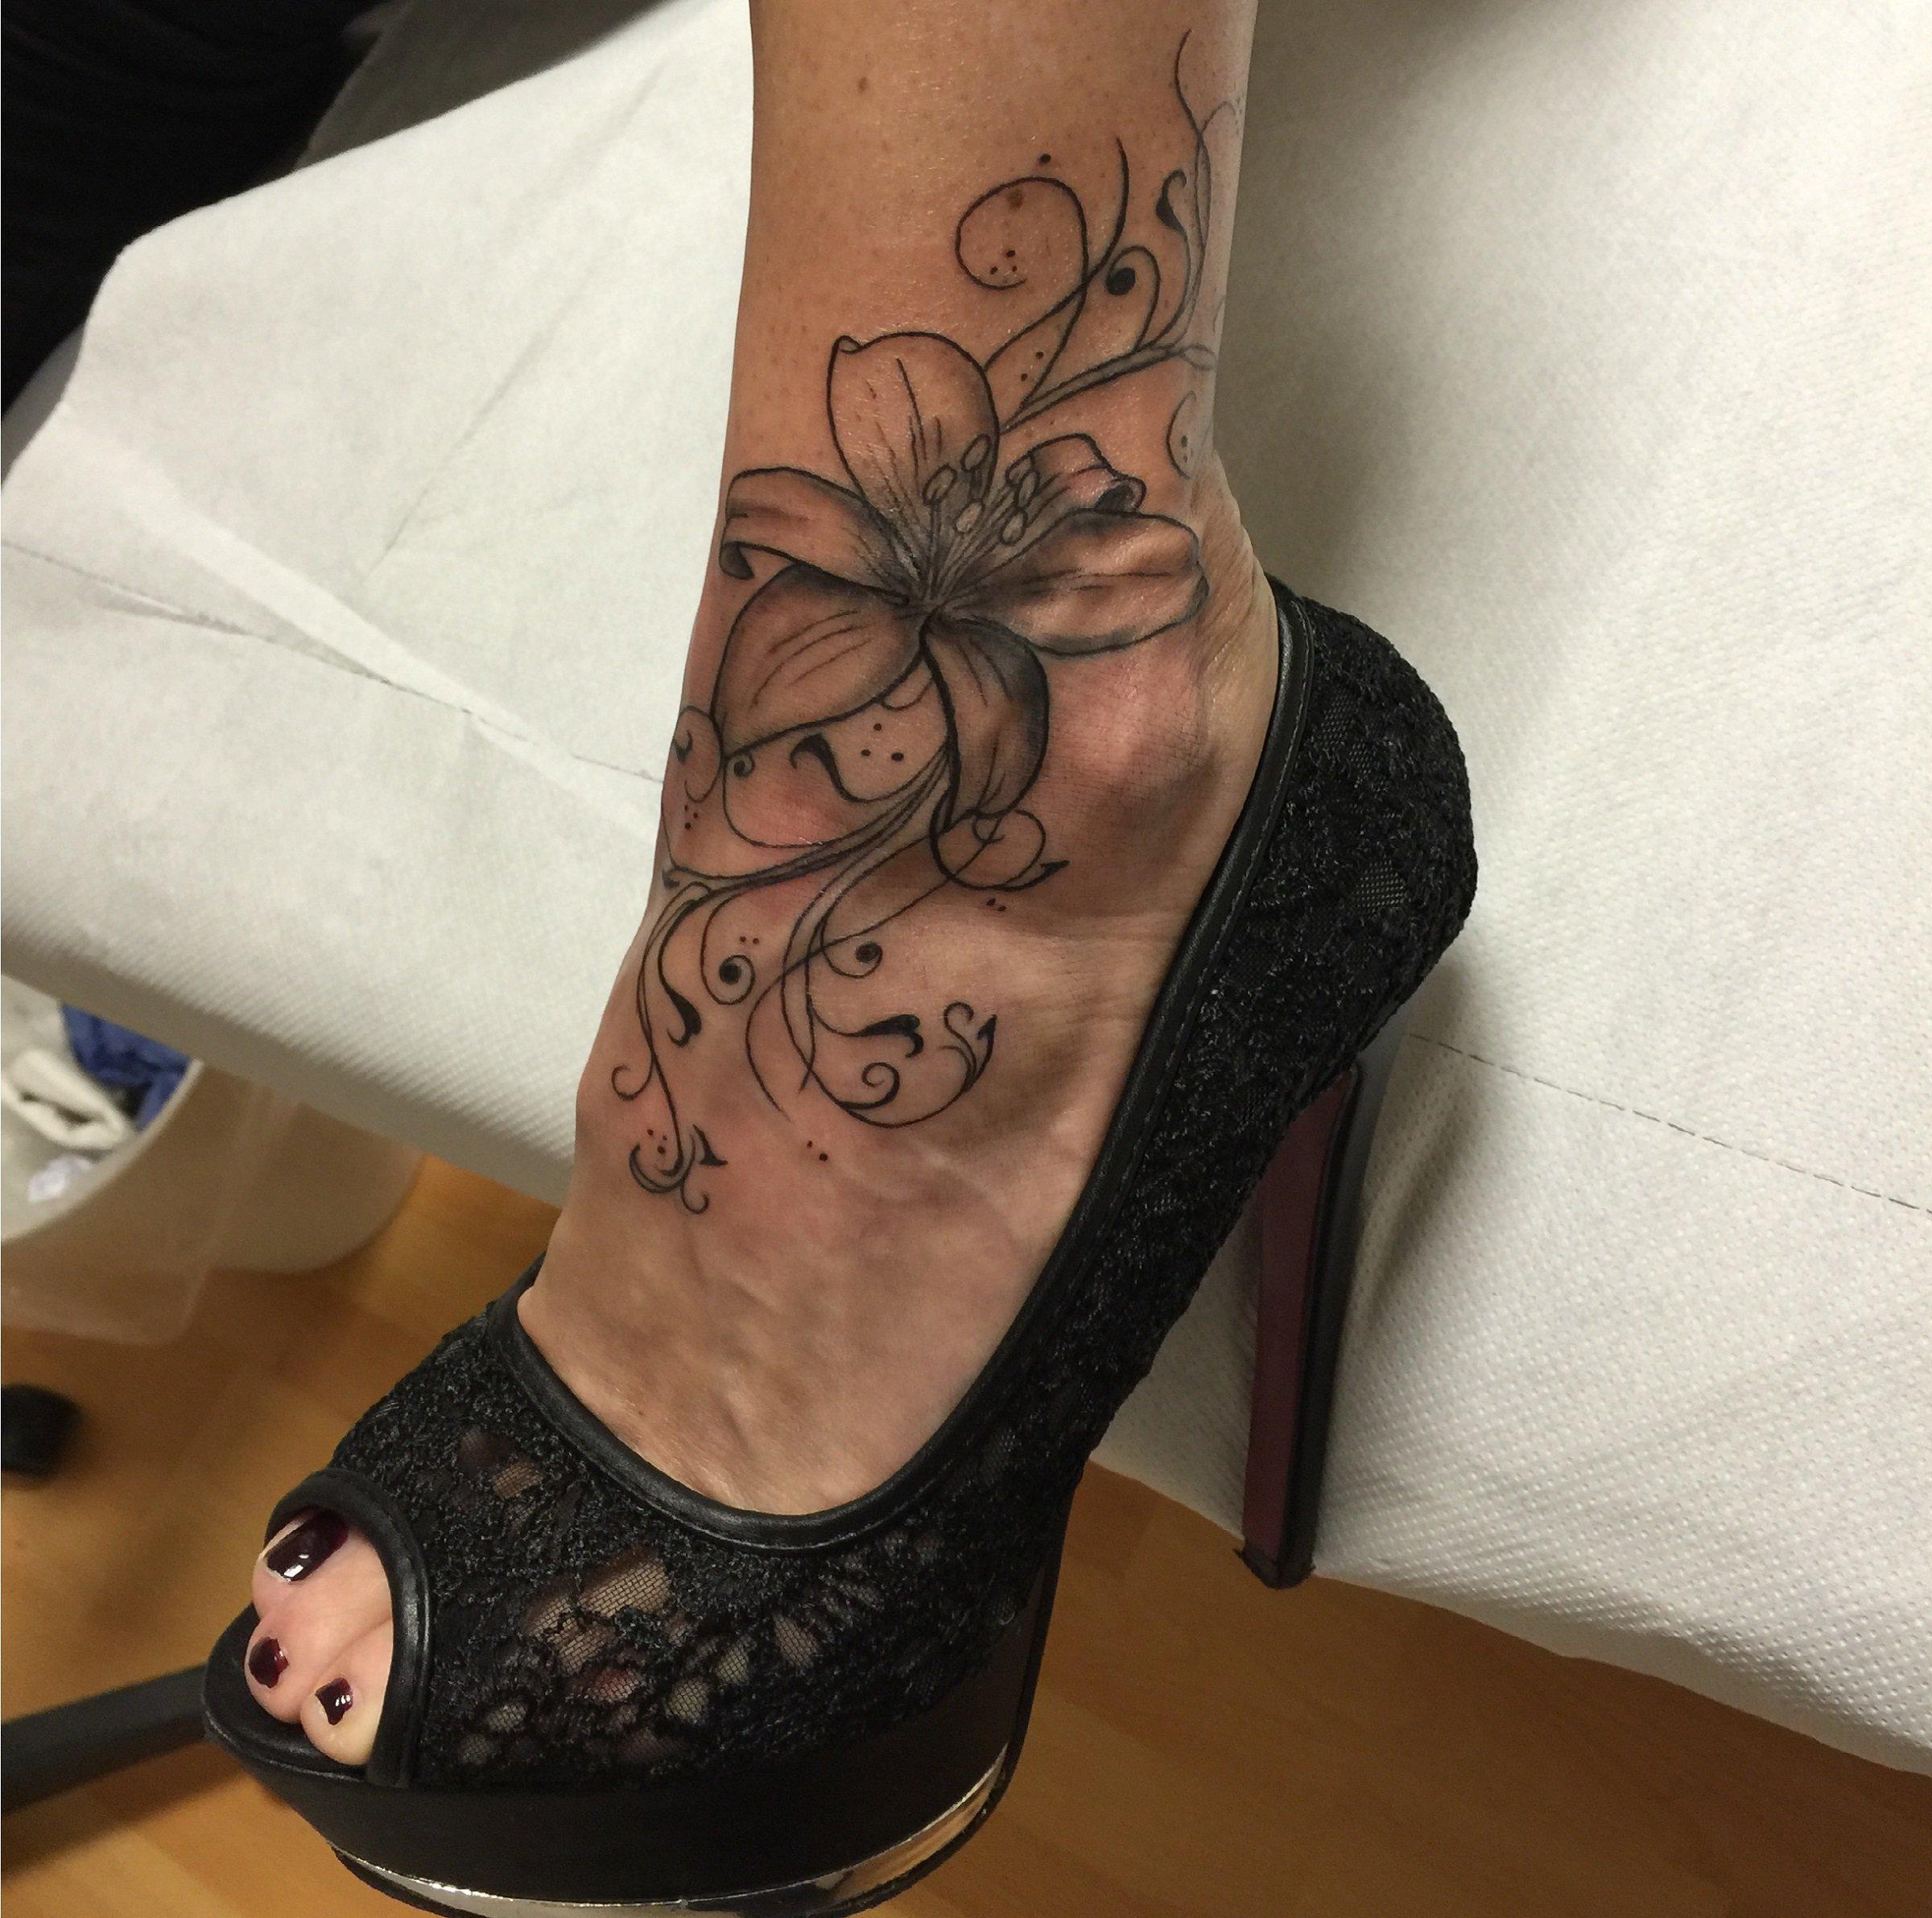 Tatuaggio di un Giglio sul piede